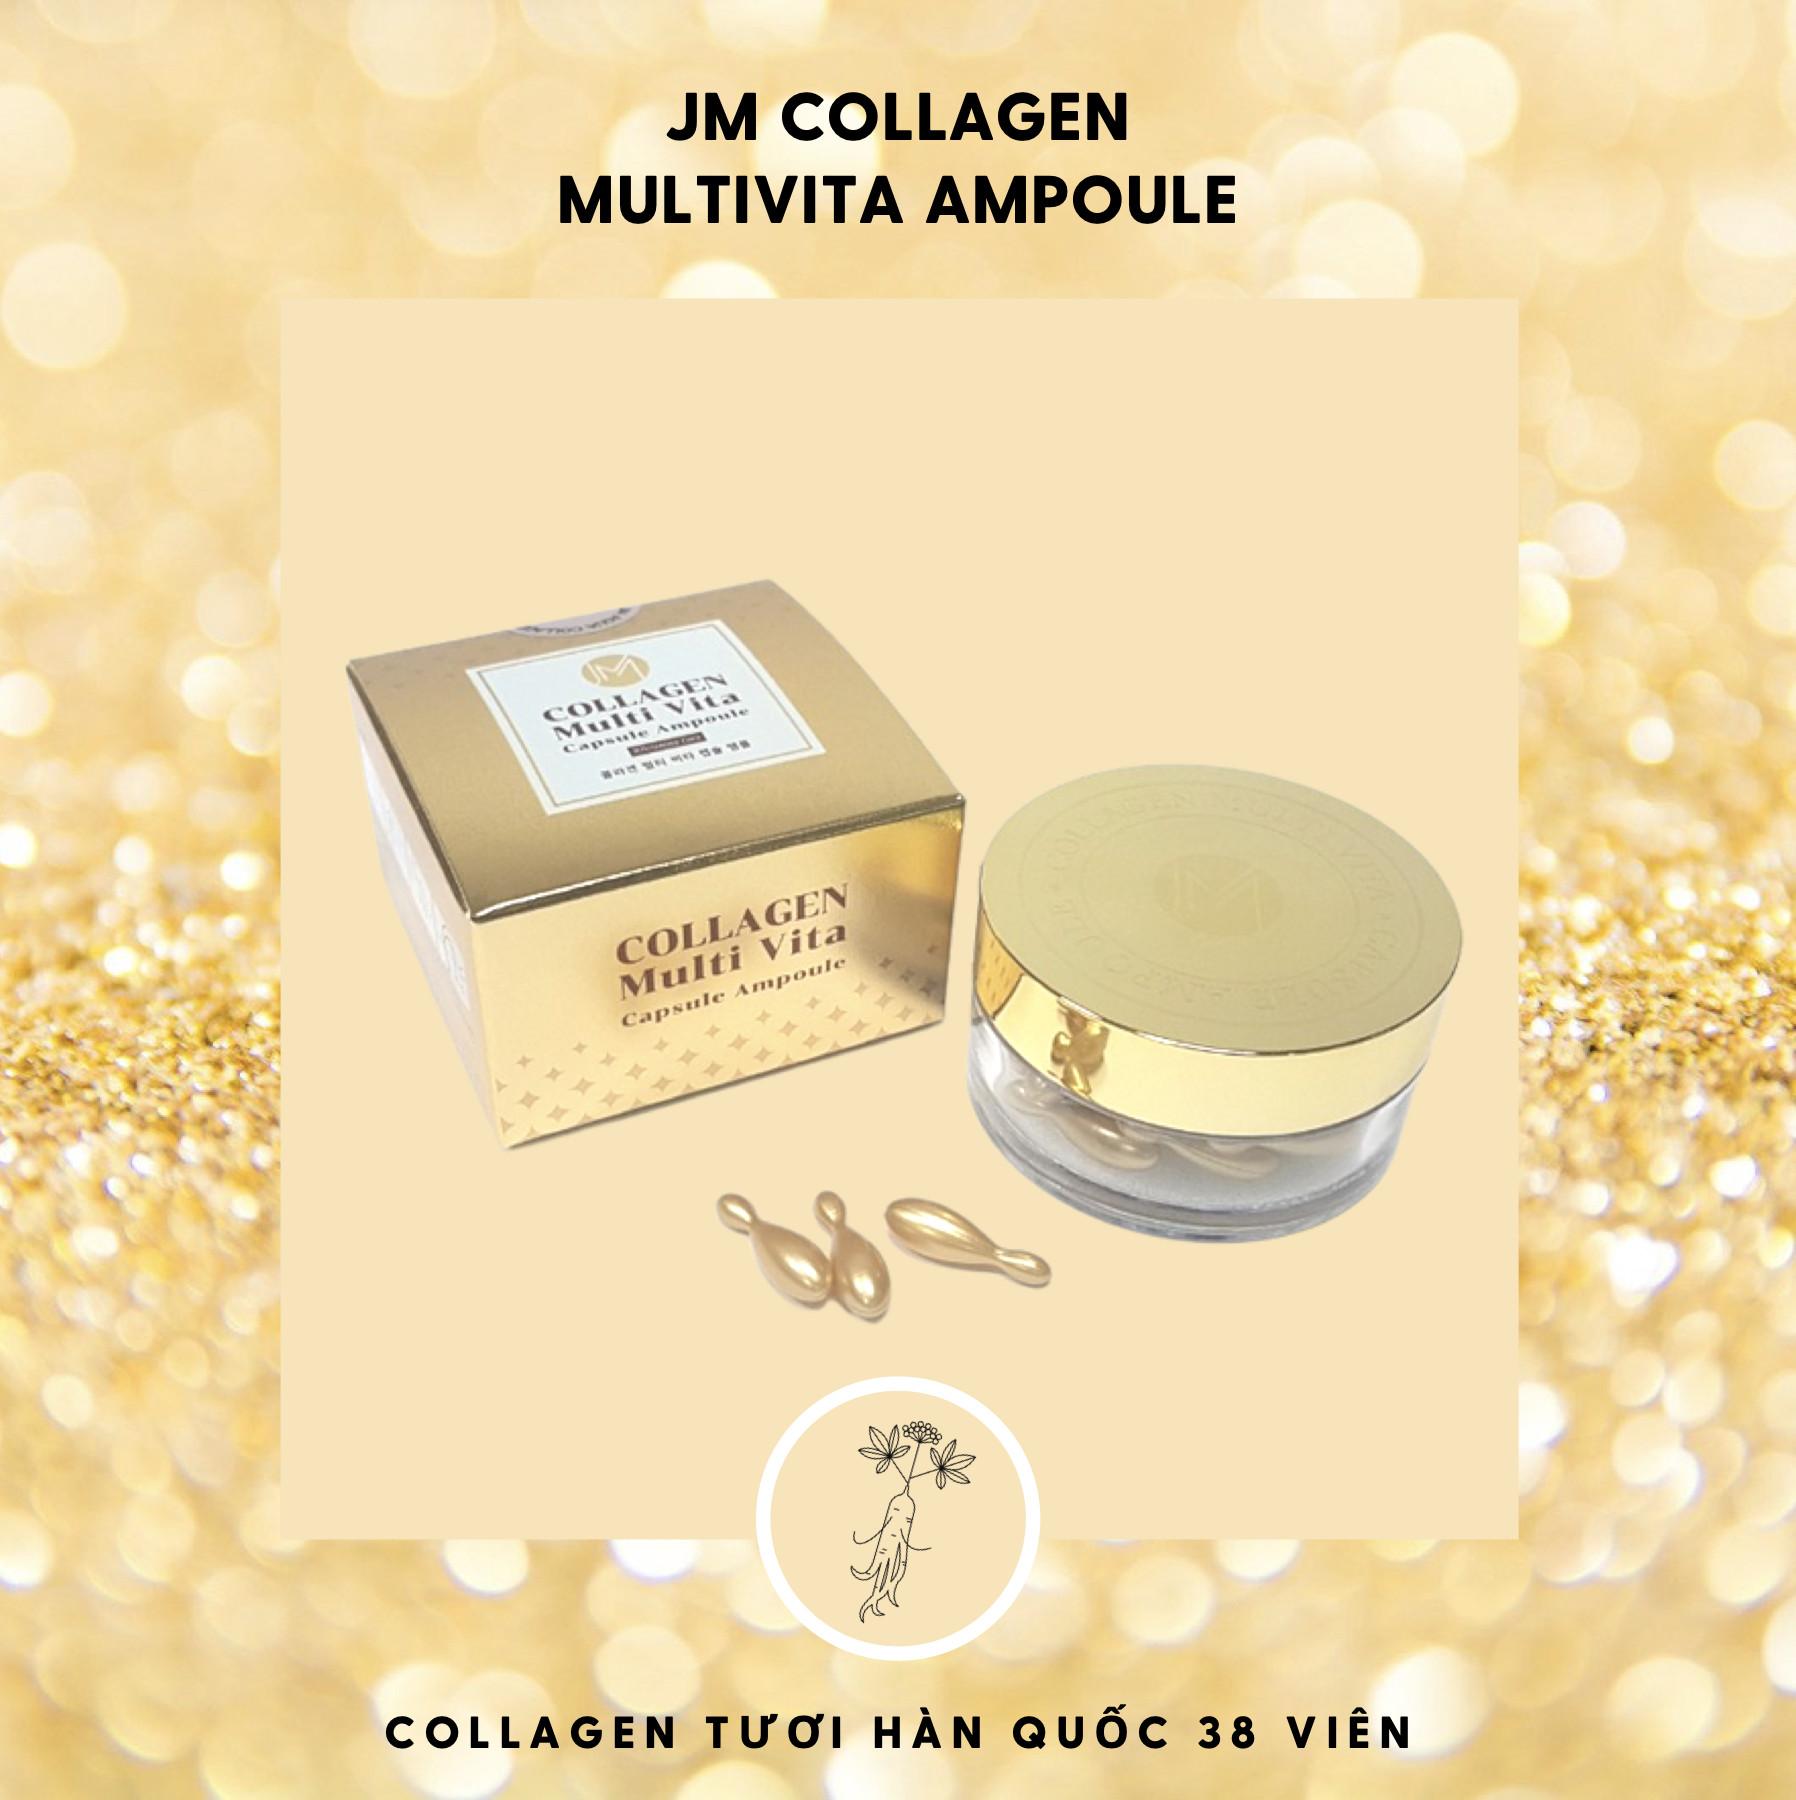 Product JM Collagen Multivita Ampoule.